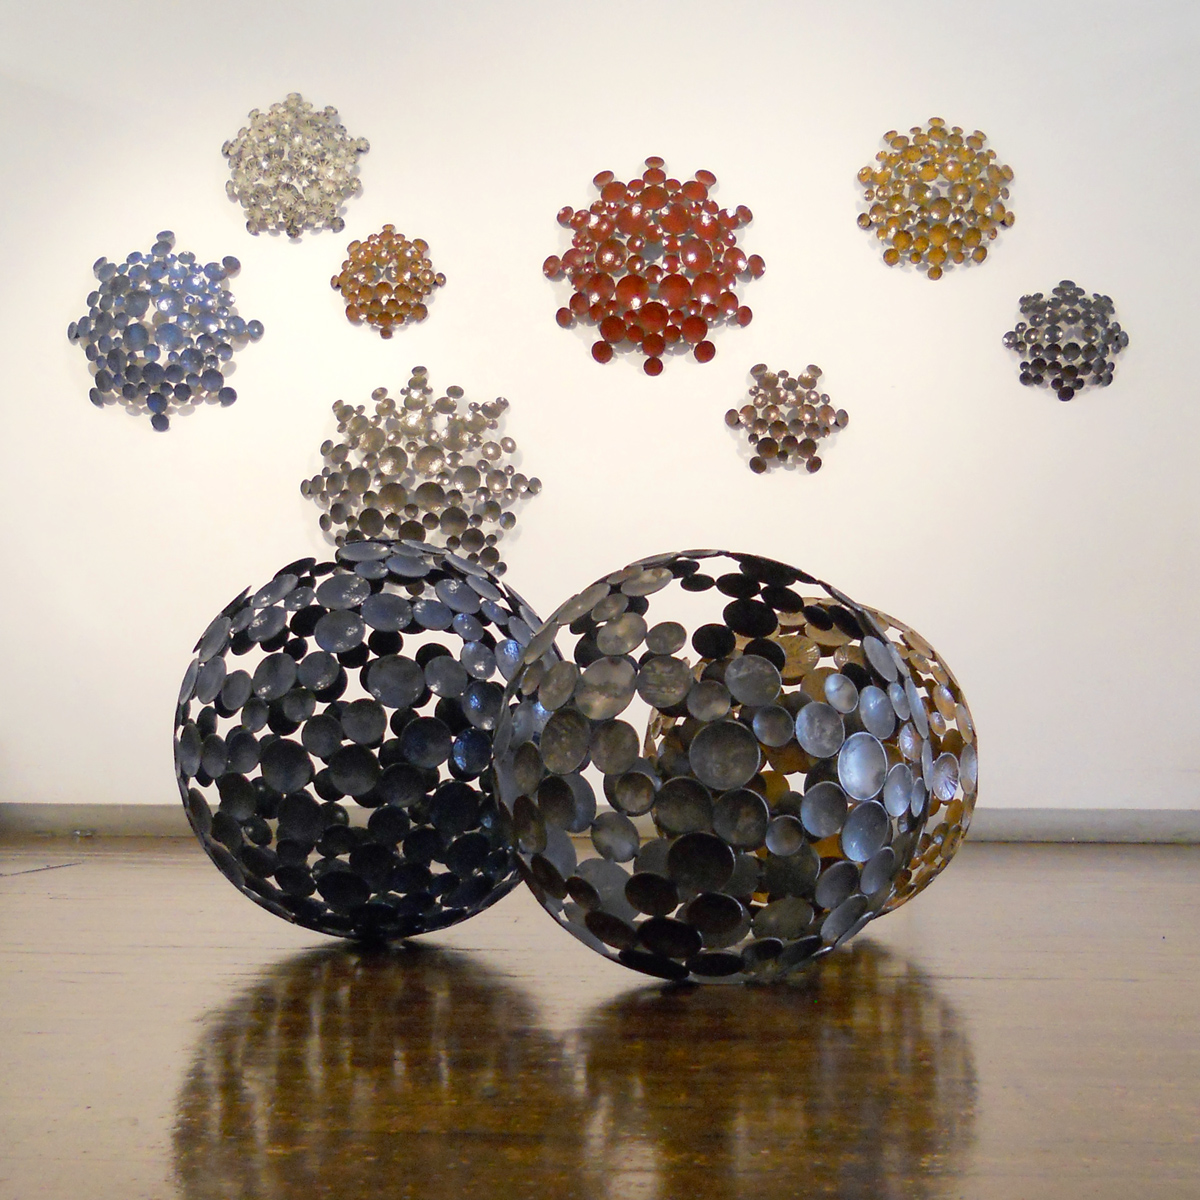 spheres and hemi.jpg